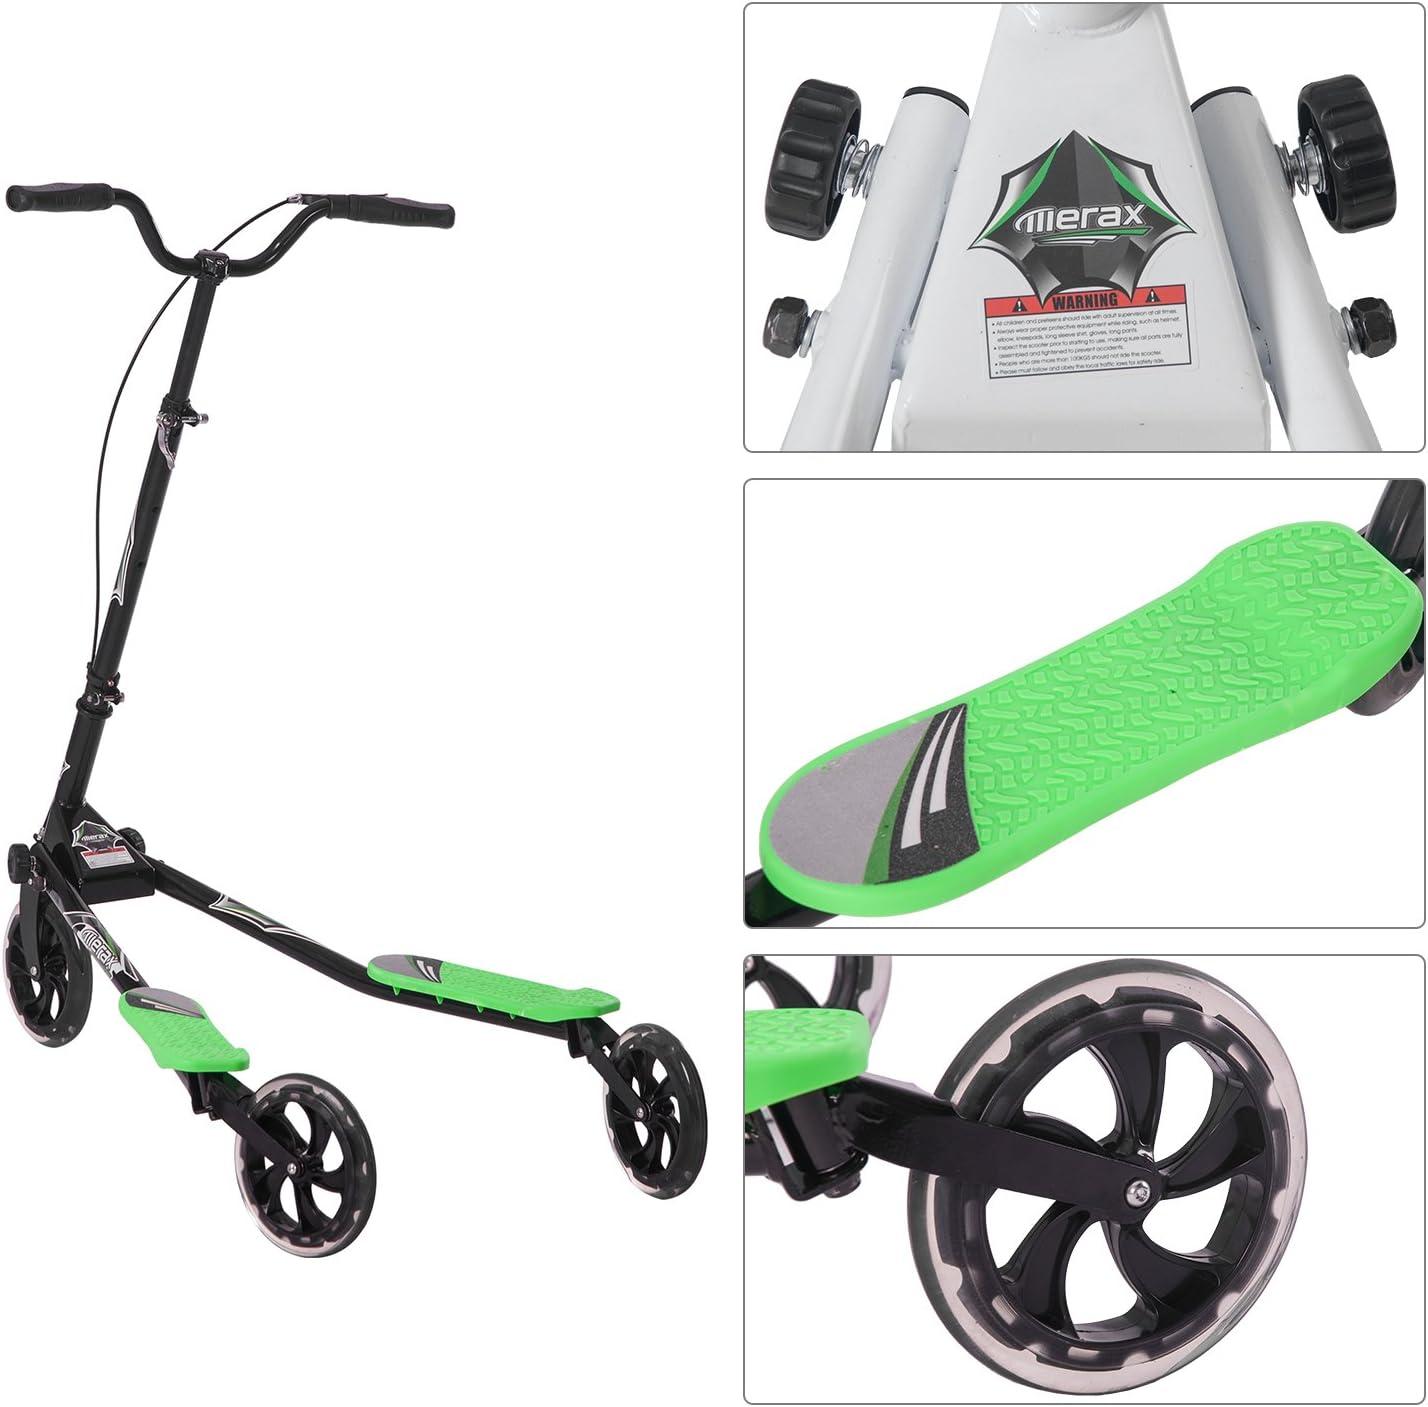 Amazon.com: Monopatín plegable Merax de 3 ruedas, con ...